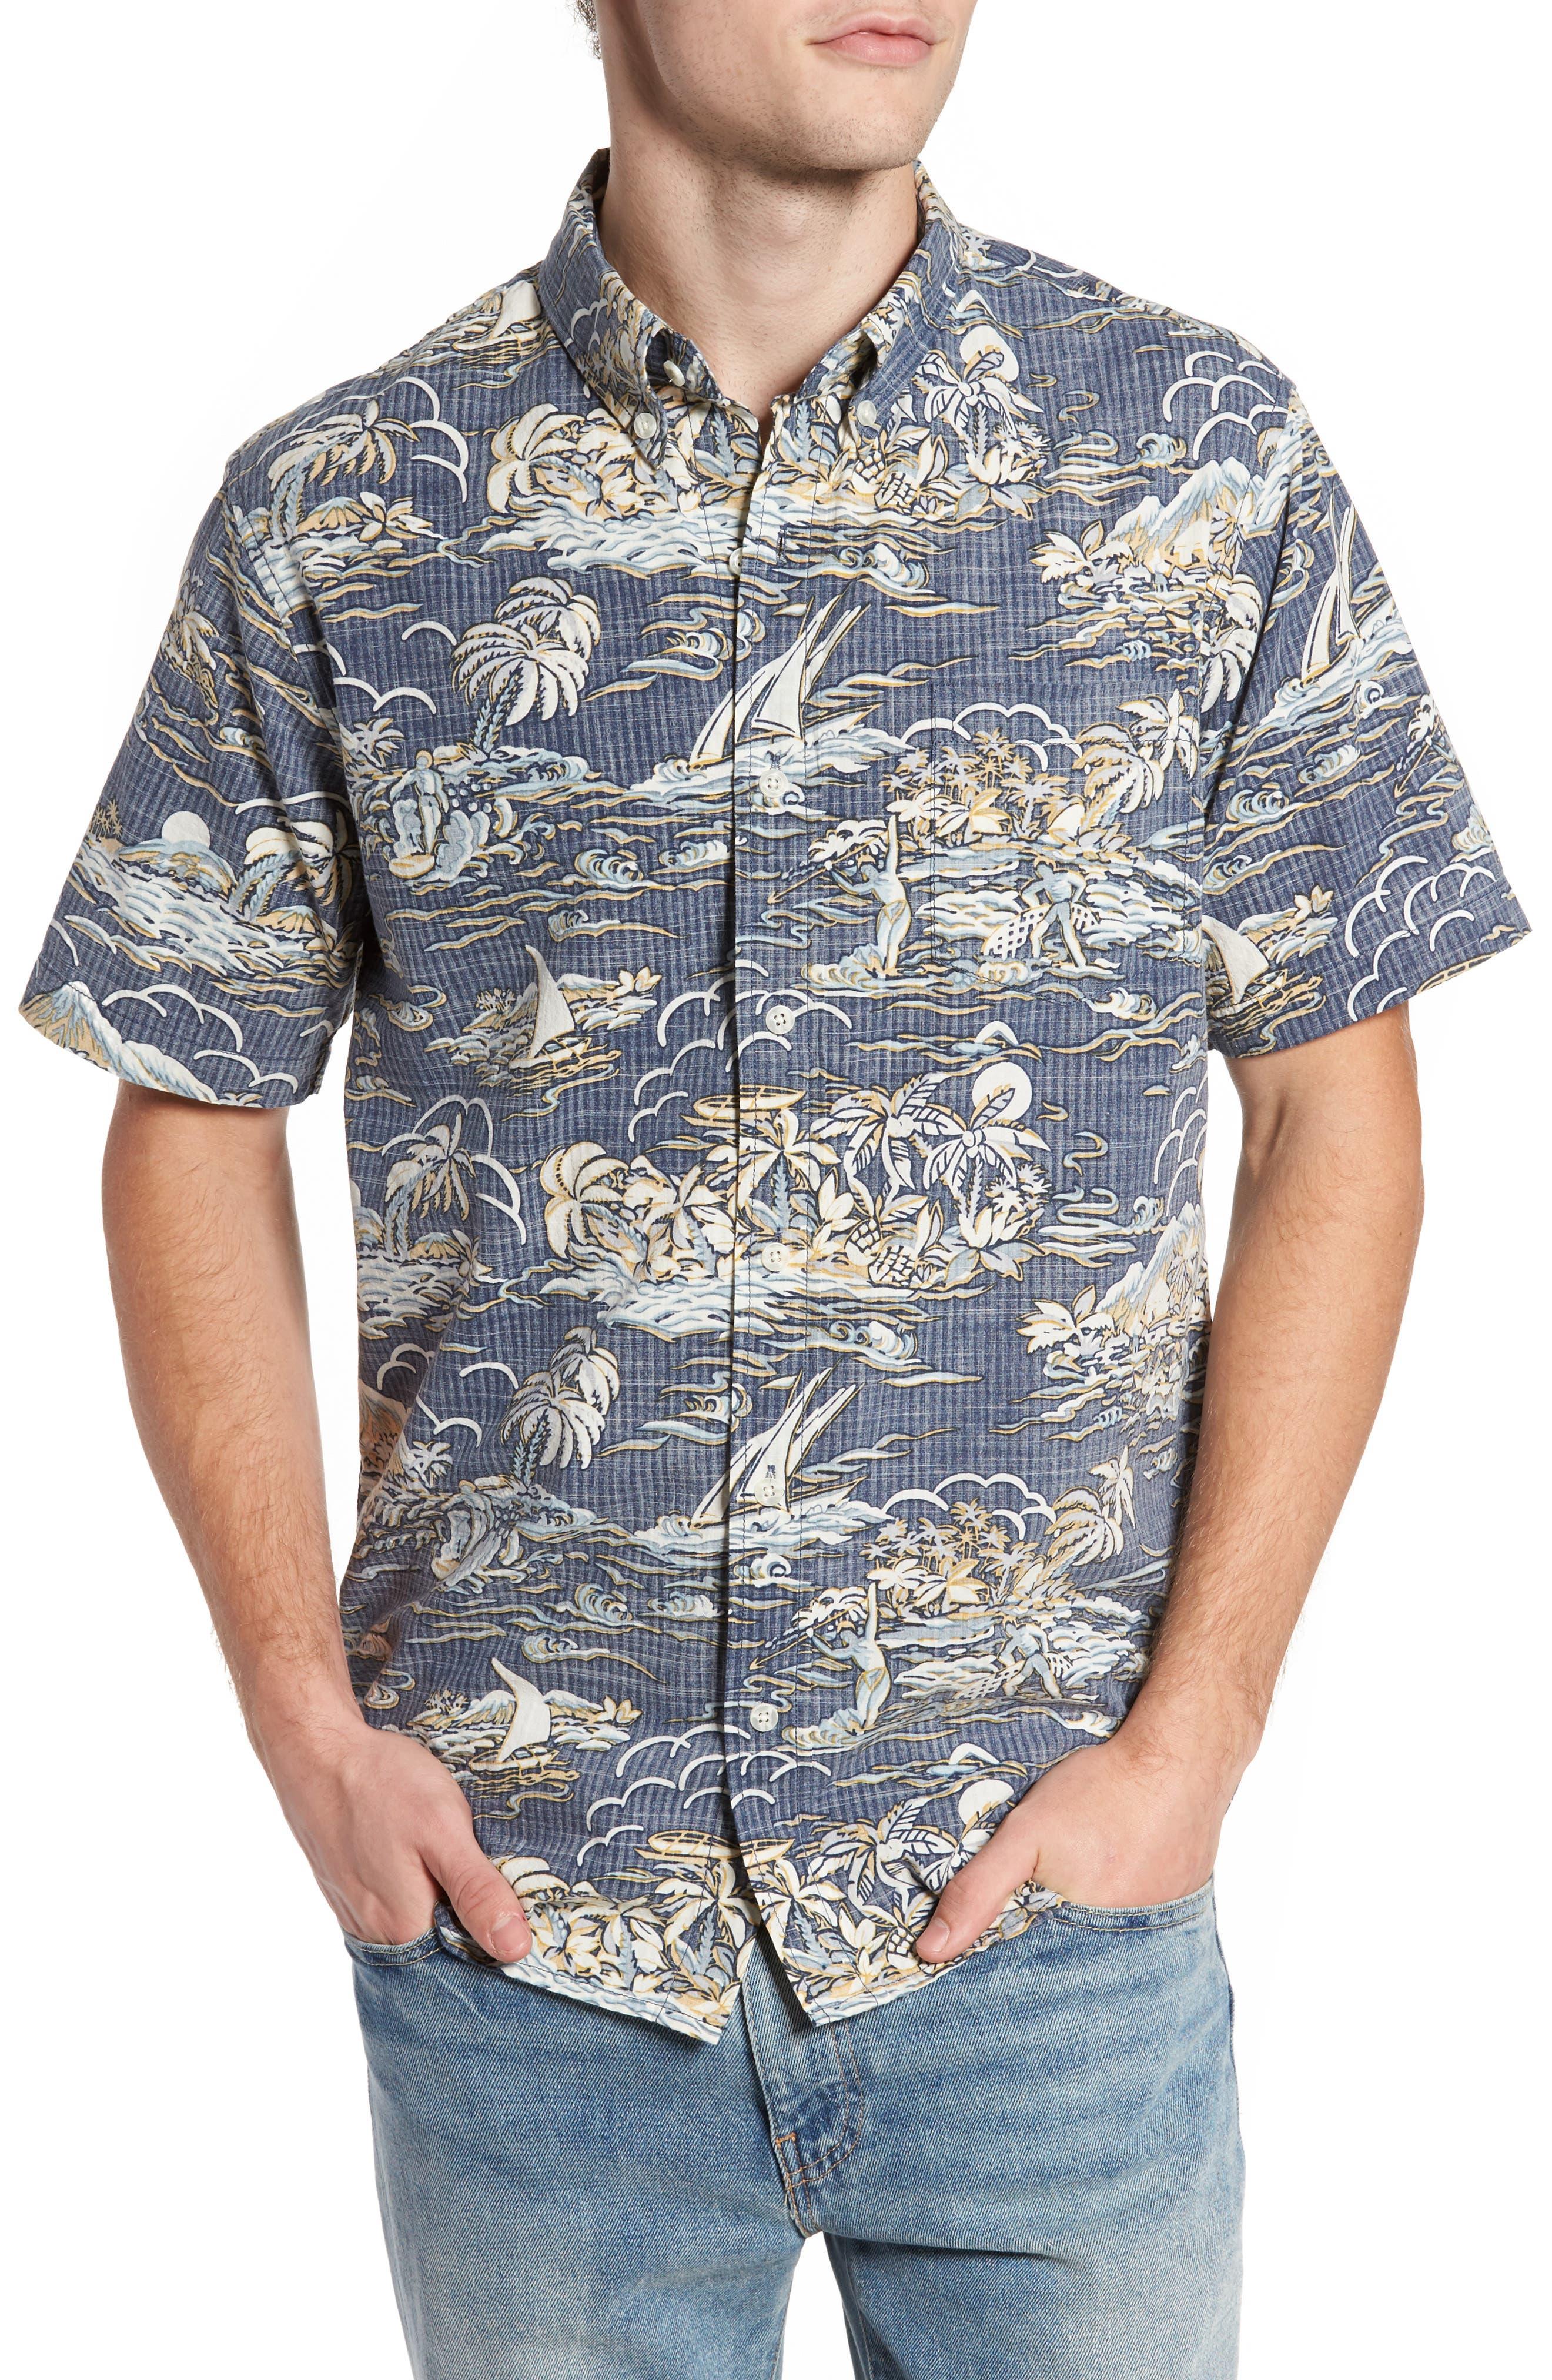 Alternate Image 1 Selected - Reyn Spooner Laupakahi Modern Fit Print Shirt